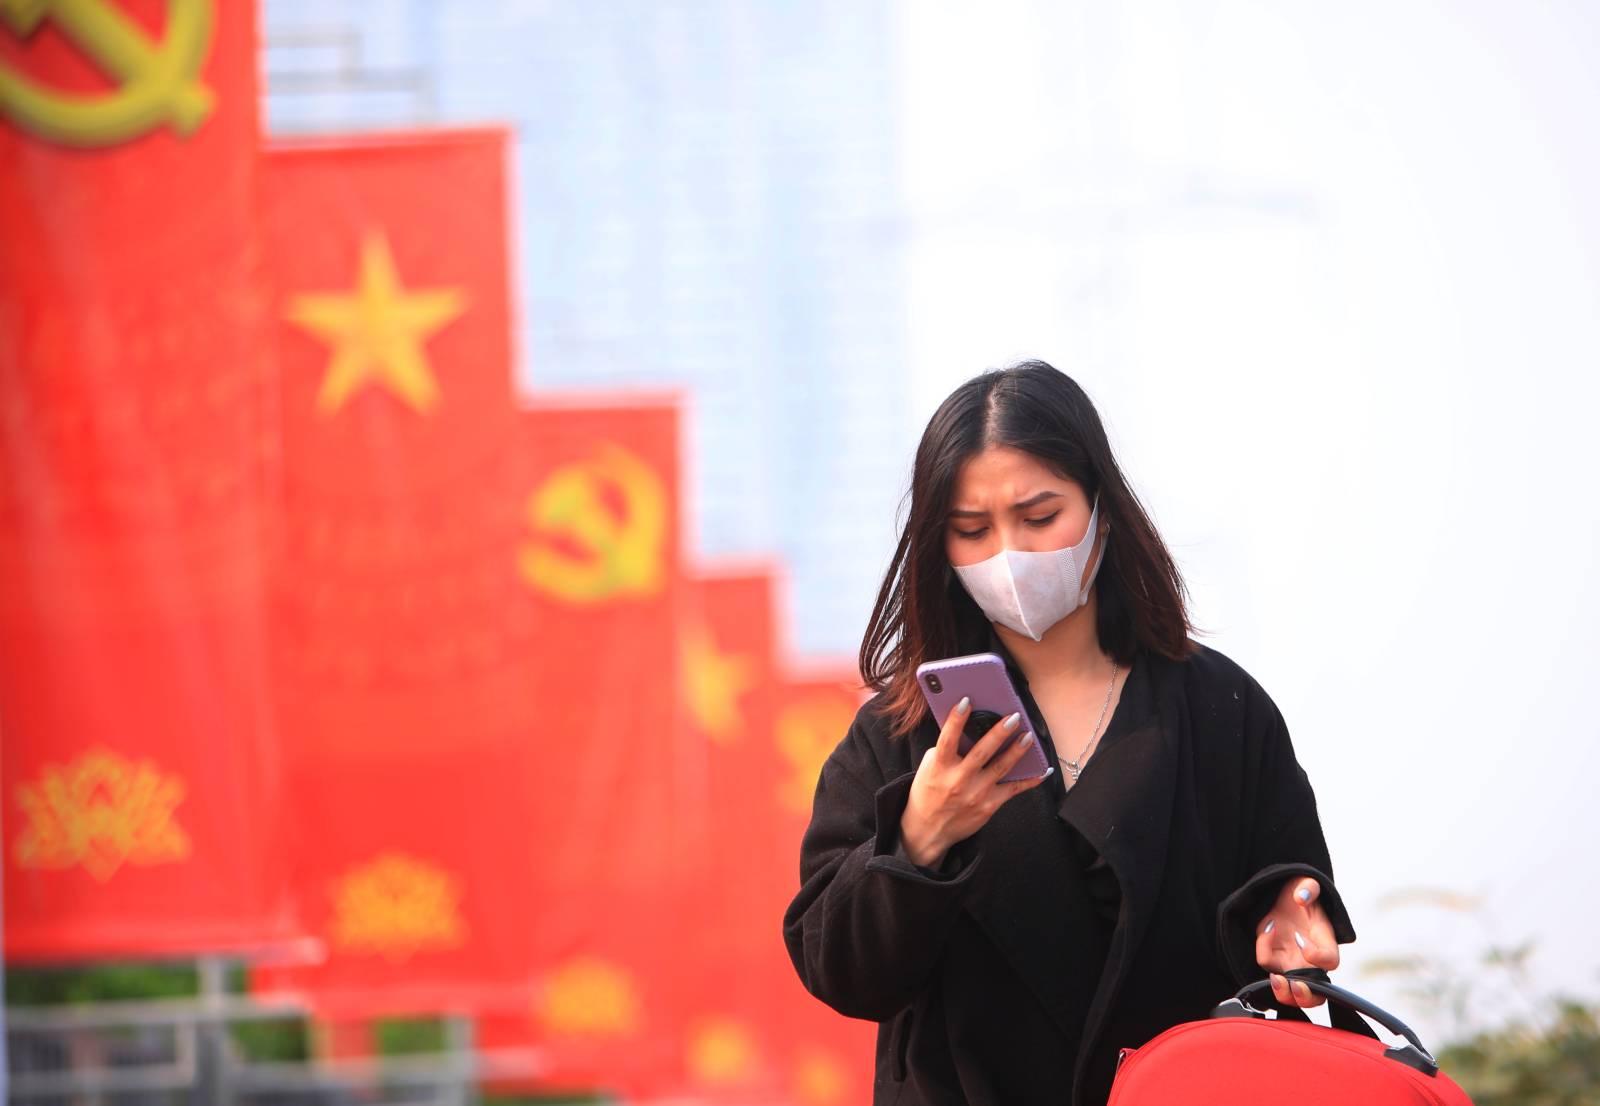 Việt Nam từng là hình mẩu tích cực trong chống dịch COVID-19 - Ảnh: Hau Dinh/AP